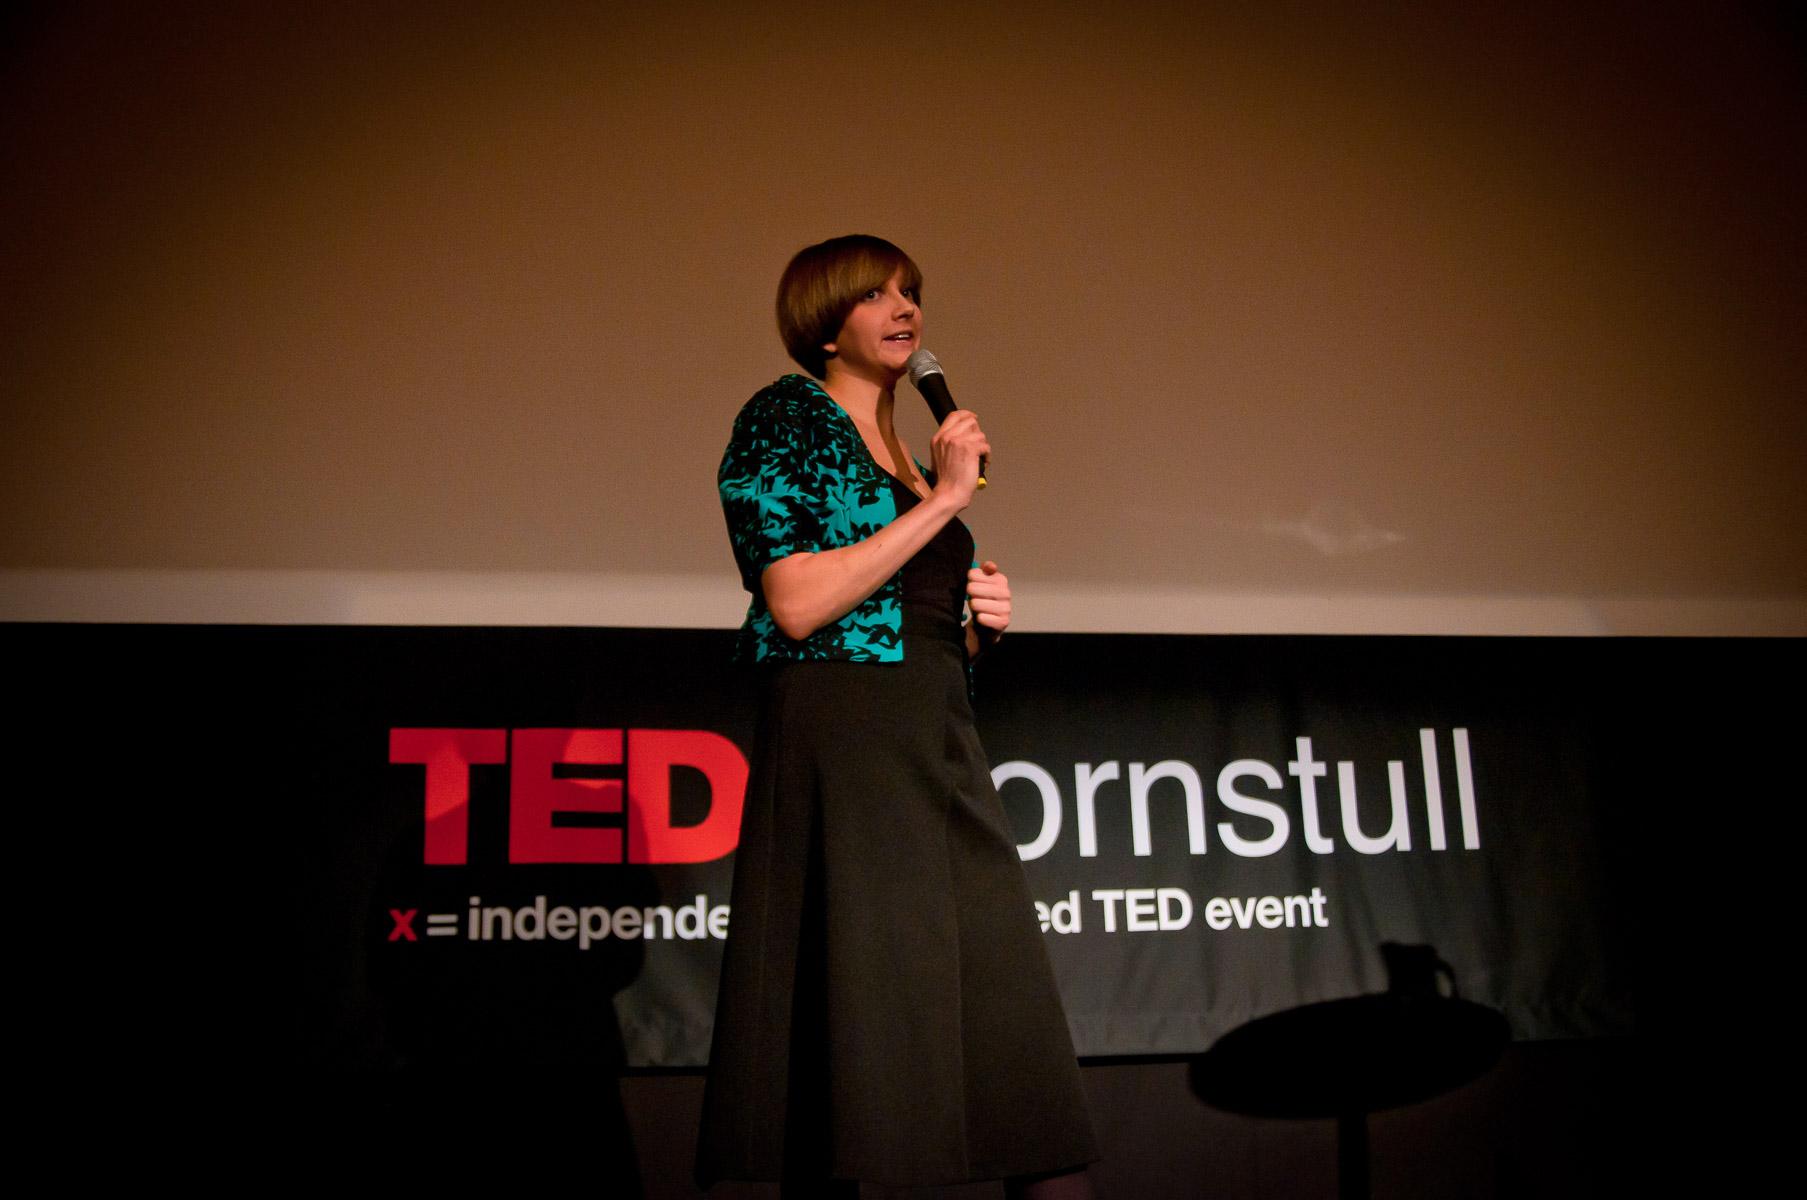 TEDxHornstull - Hanna Hallin